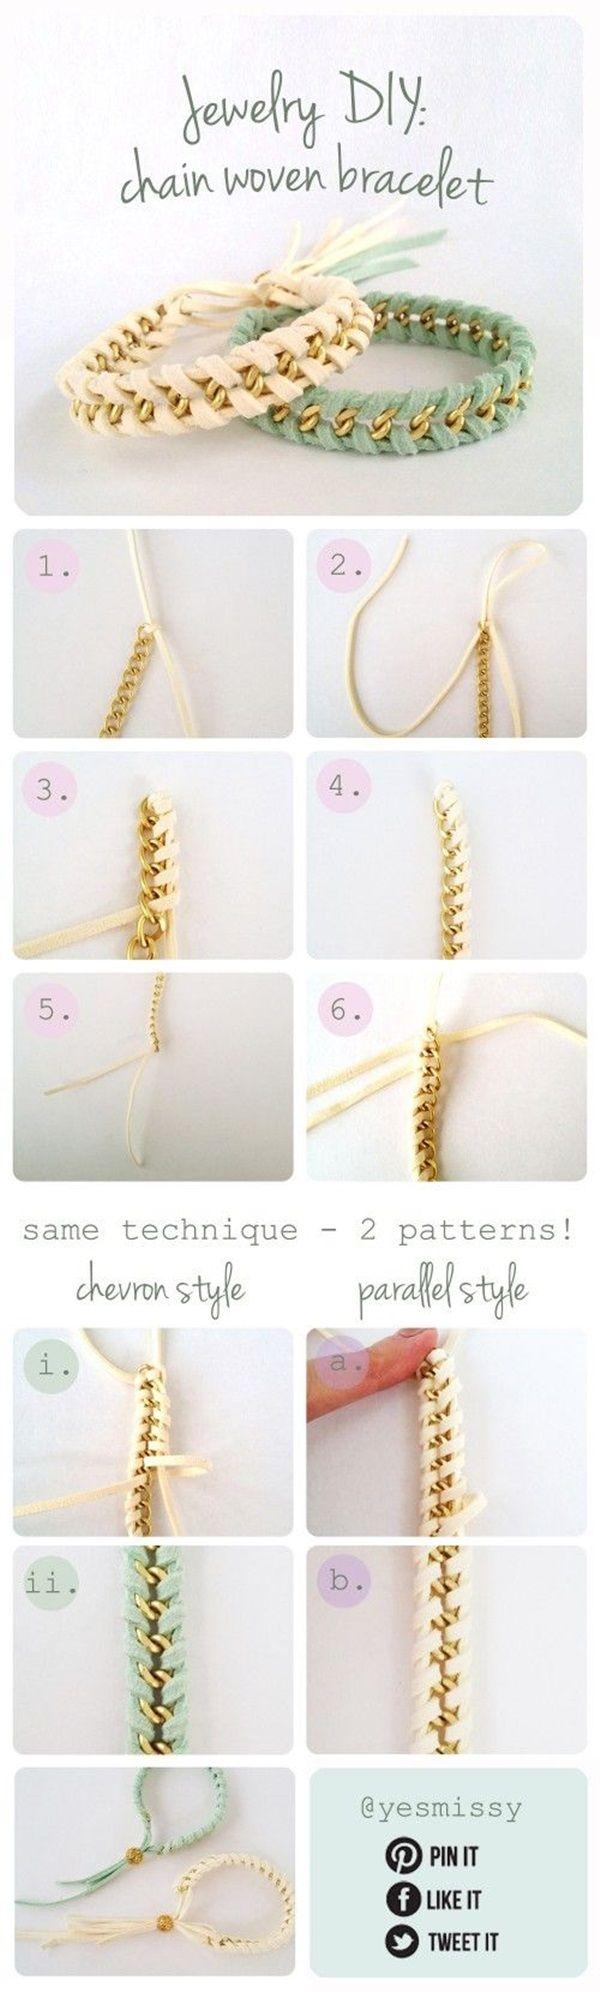 Cool bracelet tutorials for girls frases imágenes caná